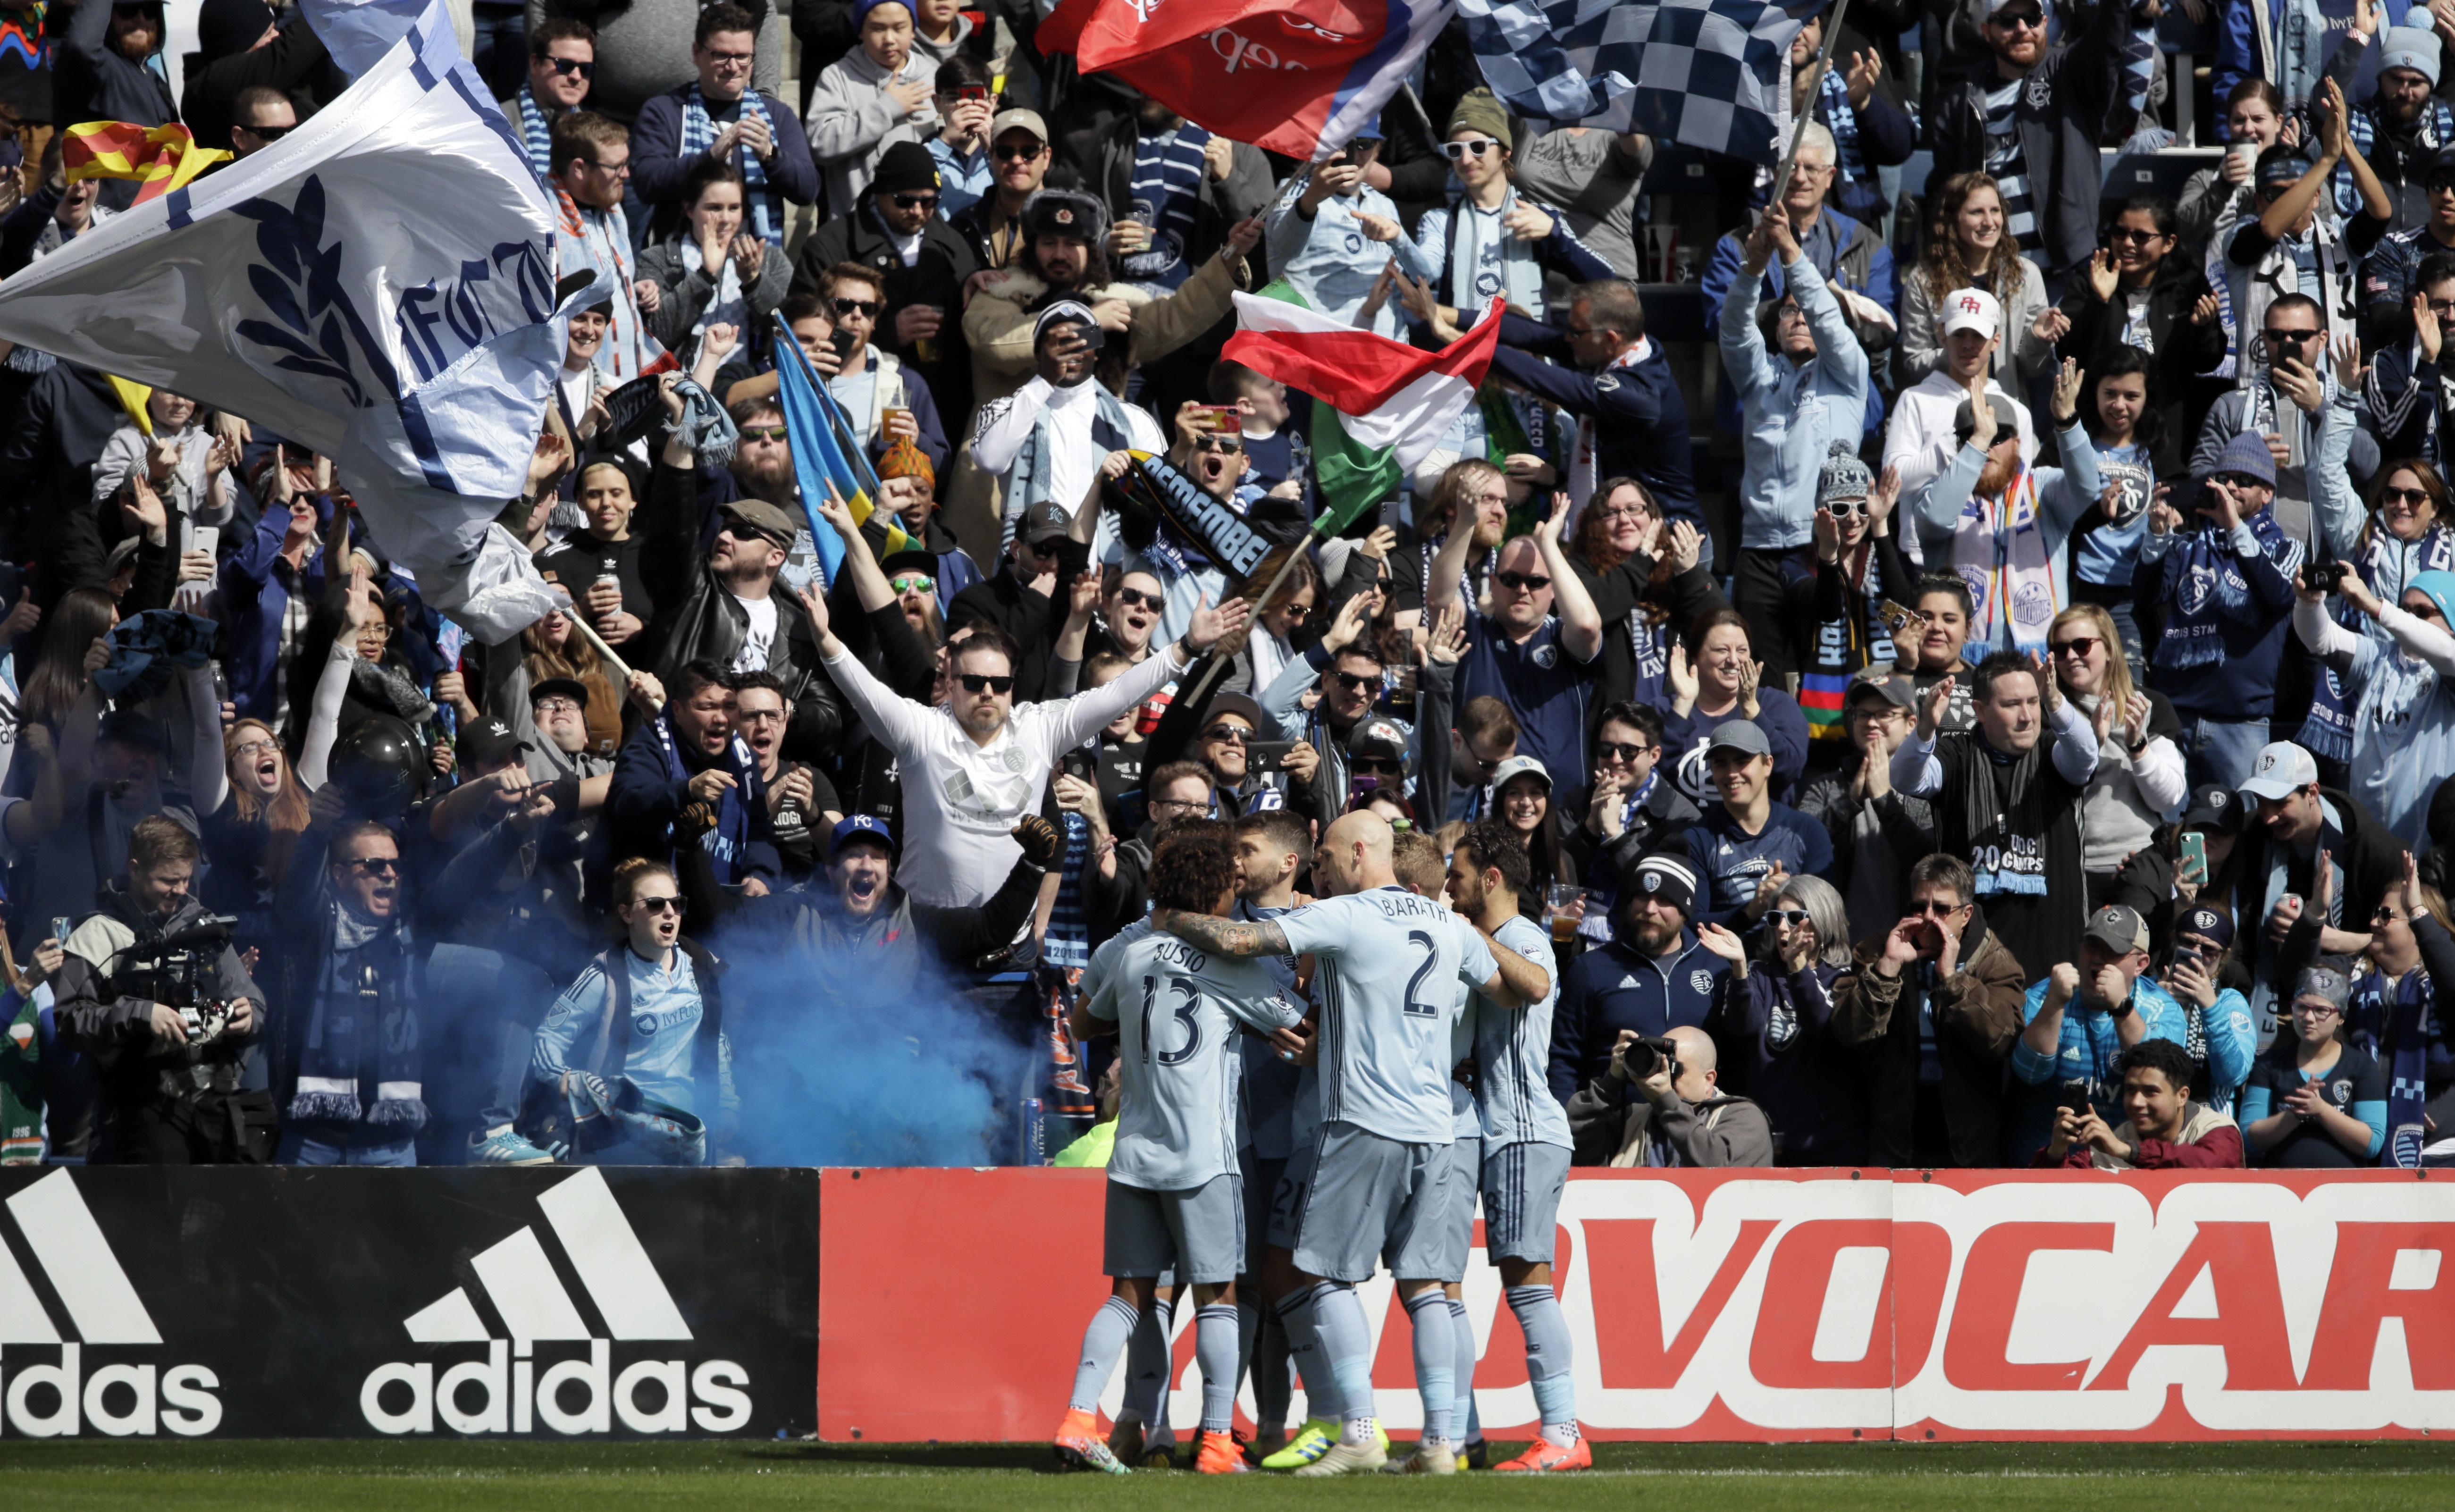 Ilie Sanchez, Tim Melia lead Sporting KC past Union, 2-0